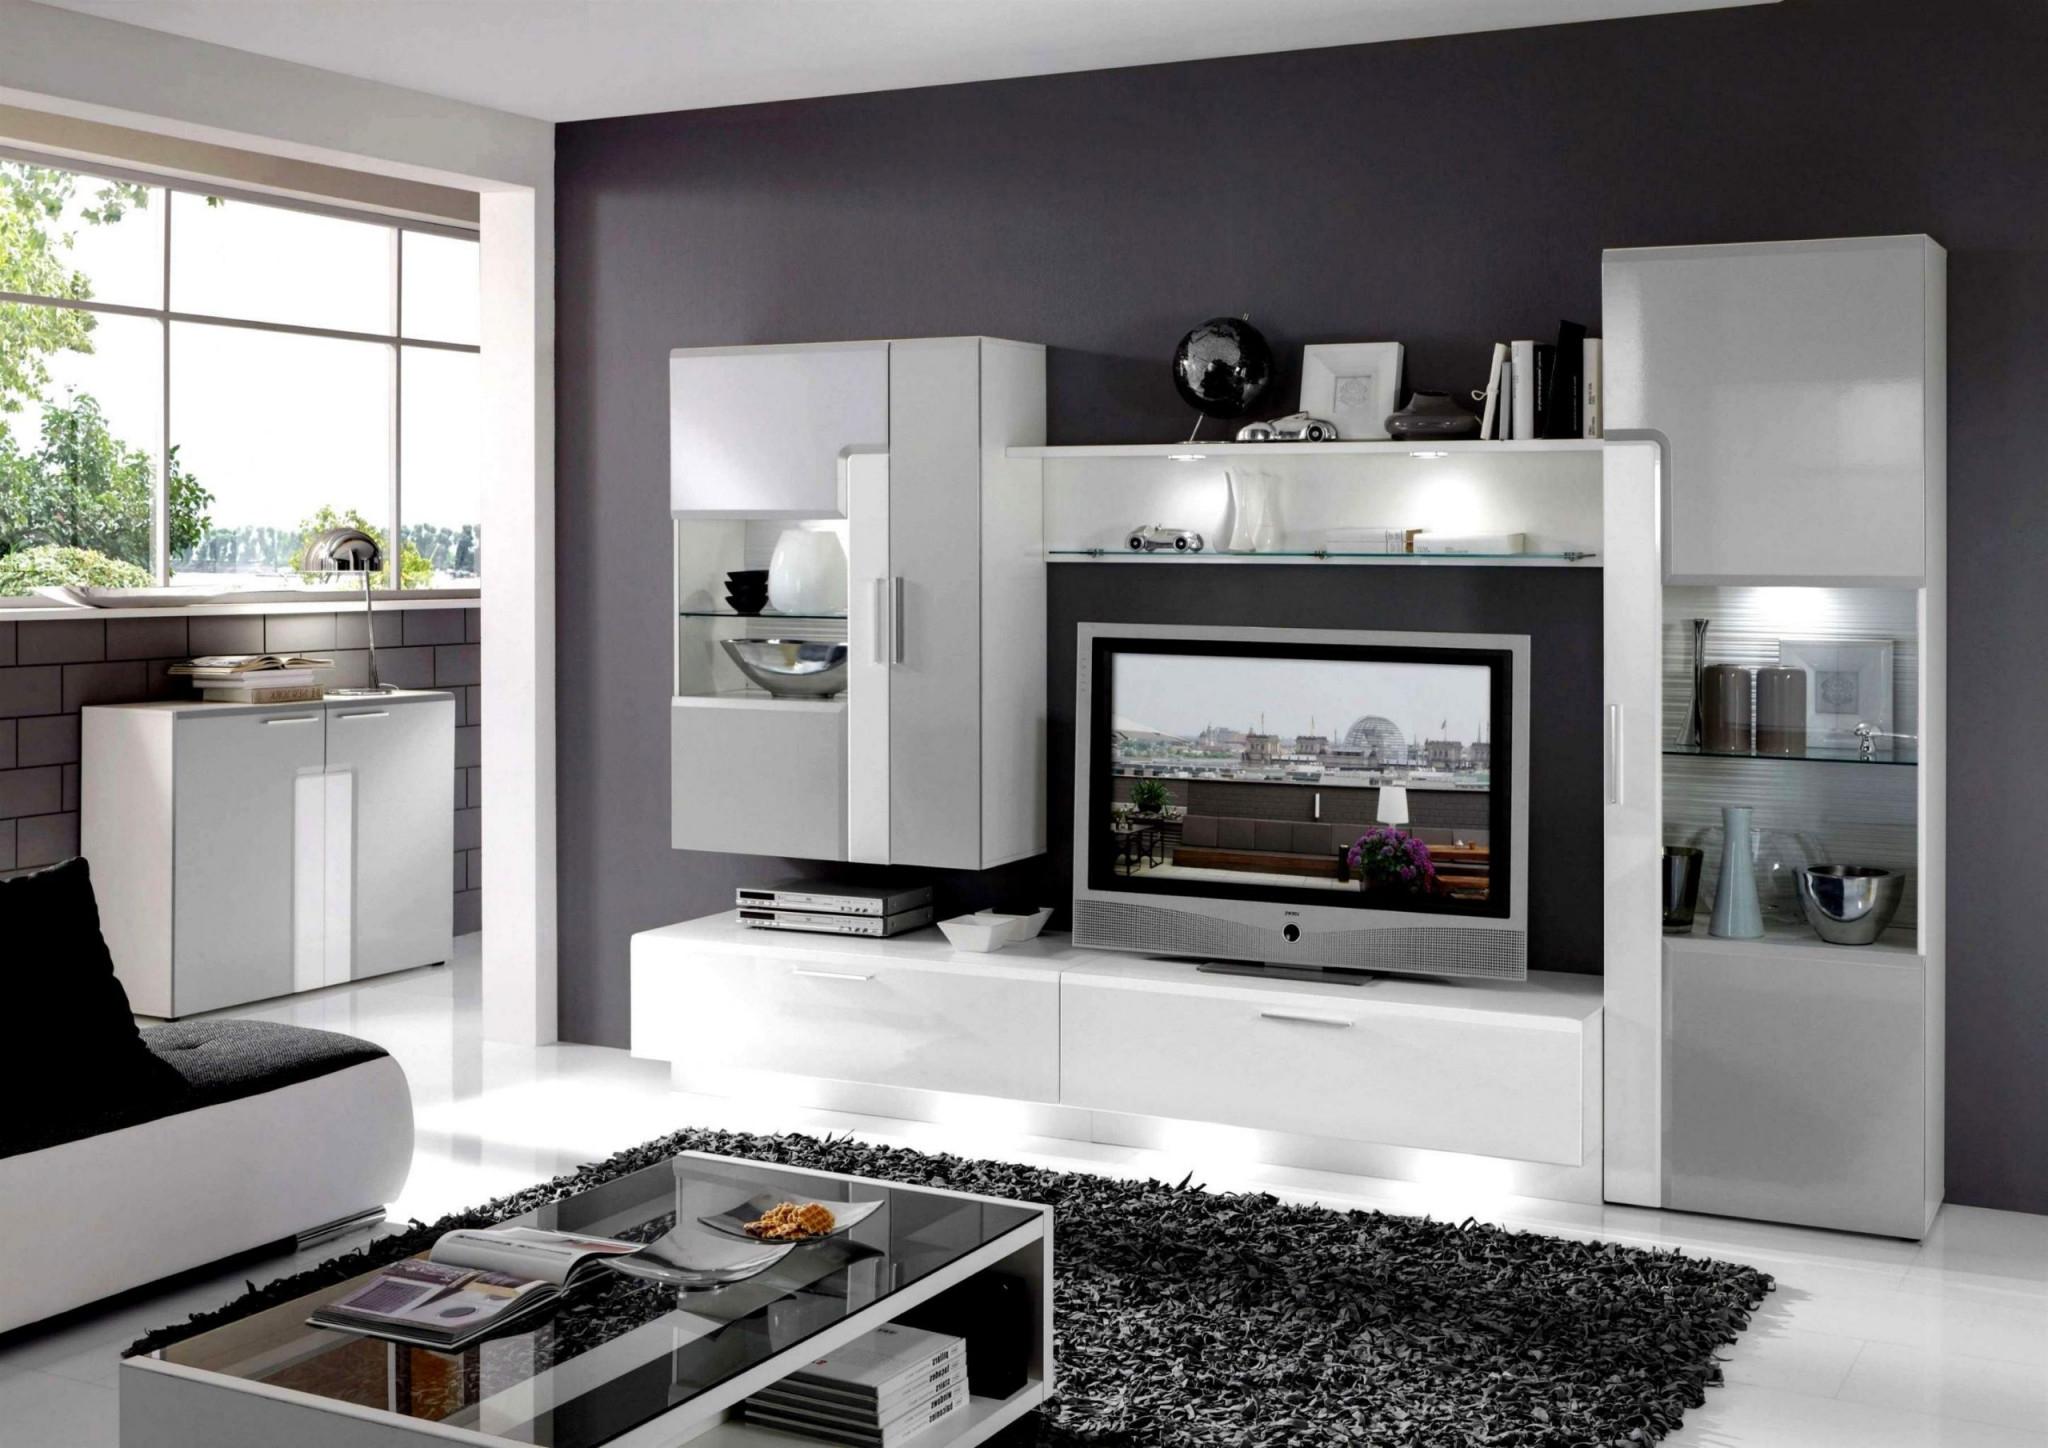 25 Neu Wohnzimmer Ideen Farbgestaltung Elegant  Wohnzimmer von Farben Ideen Für Wohnzimmer Bild